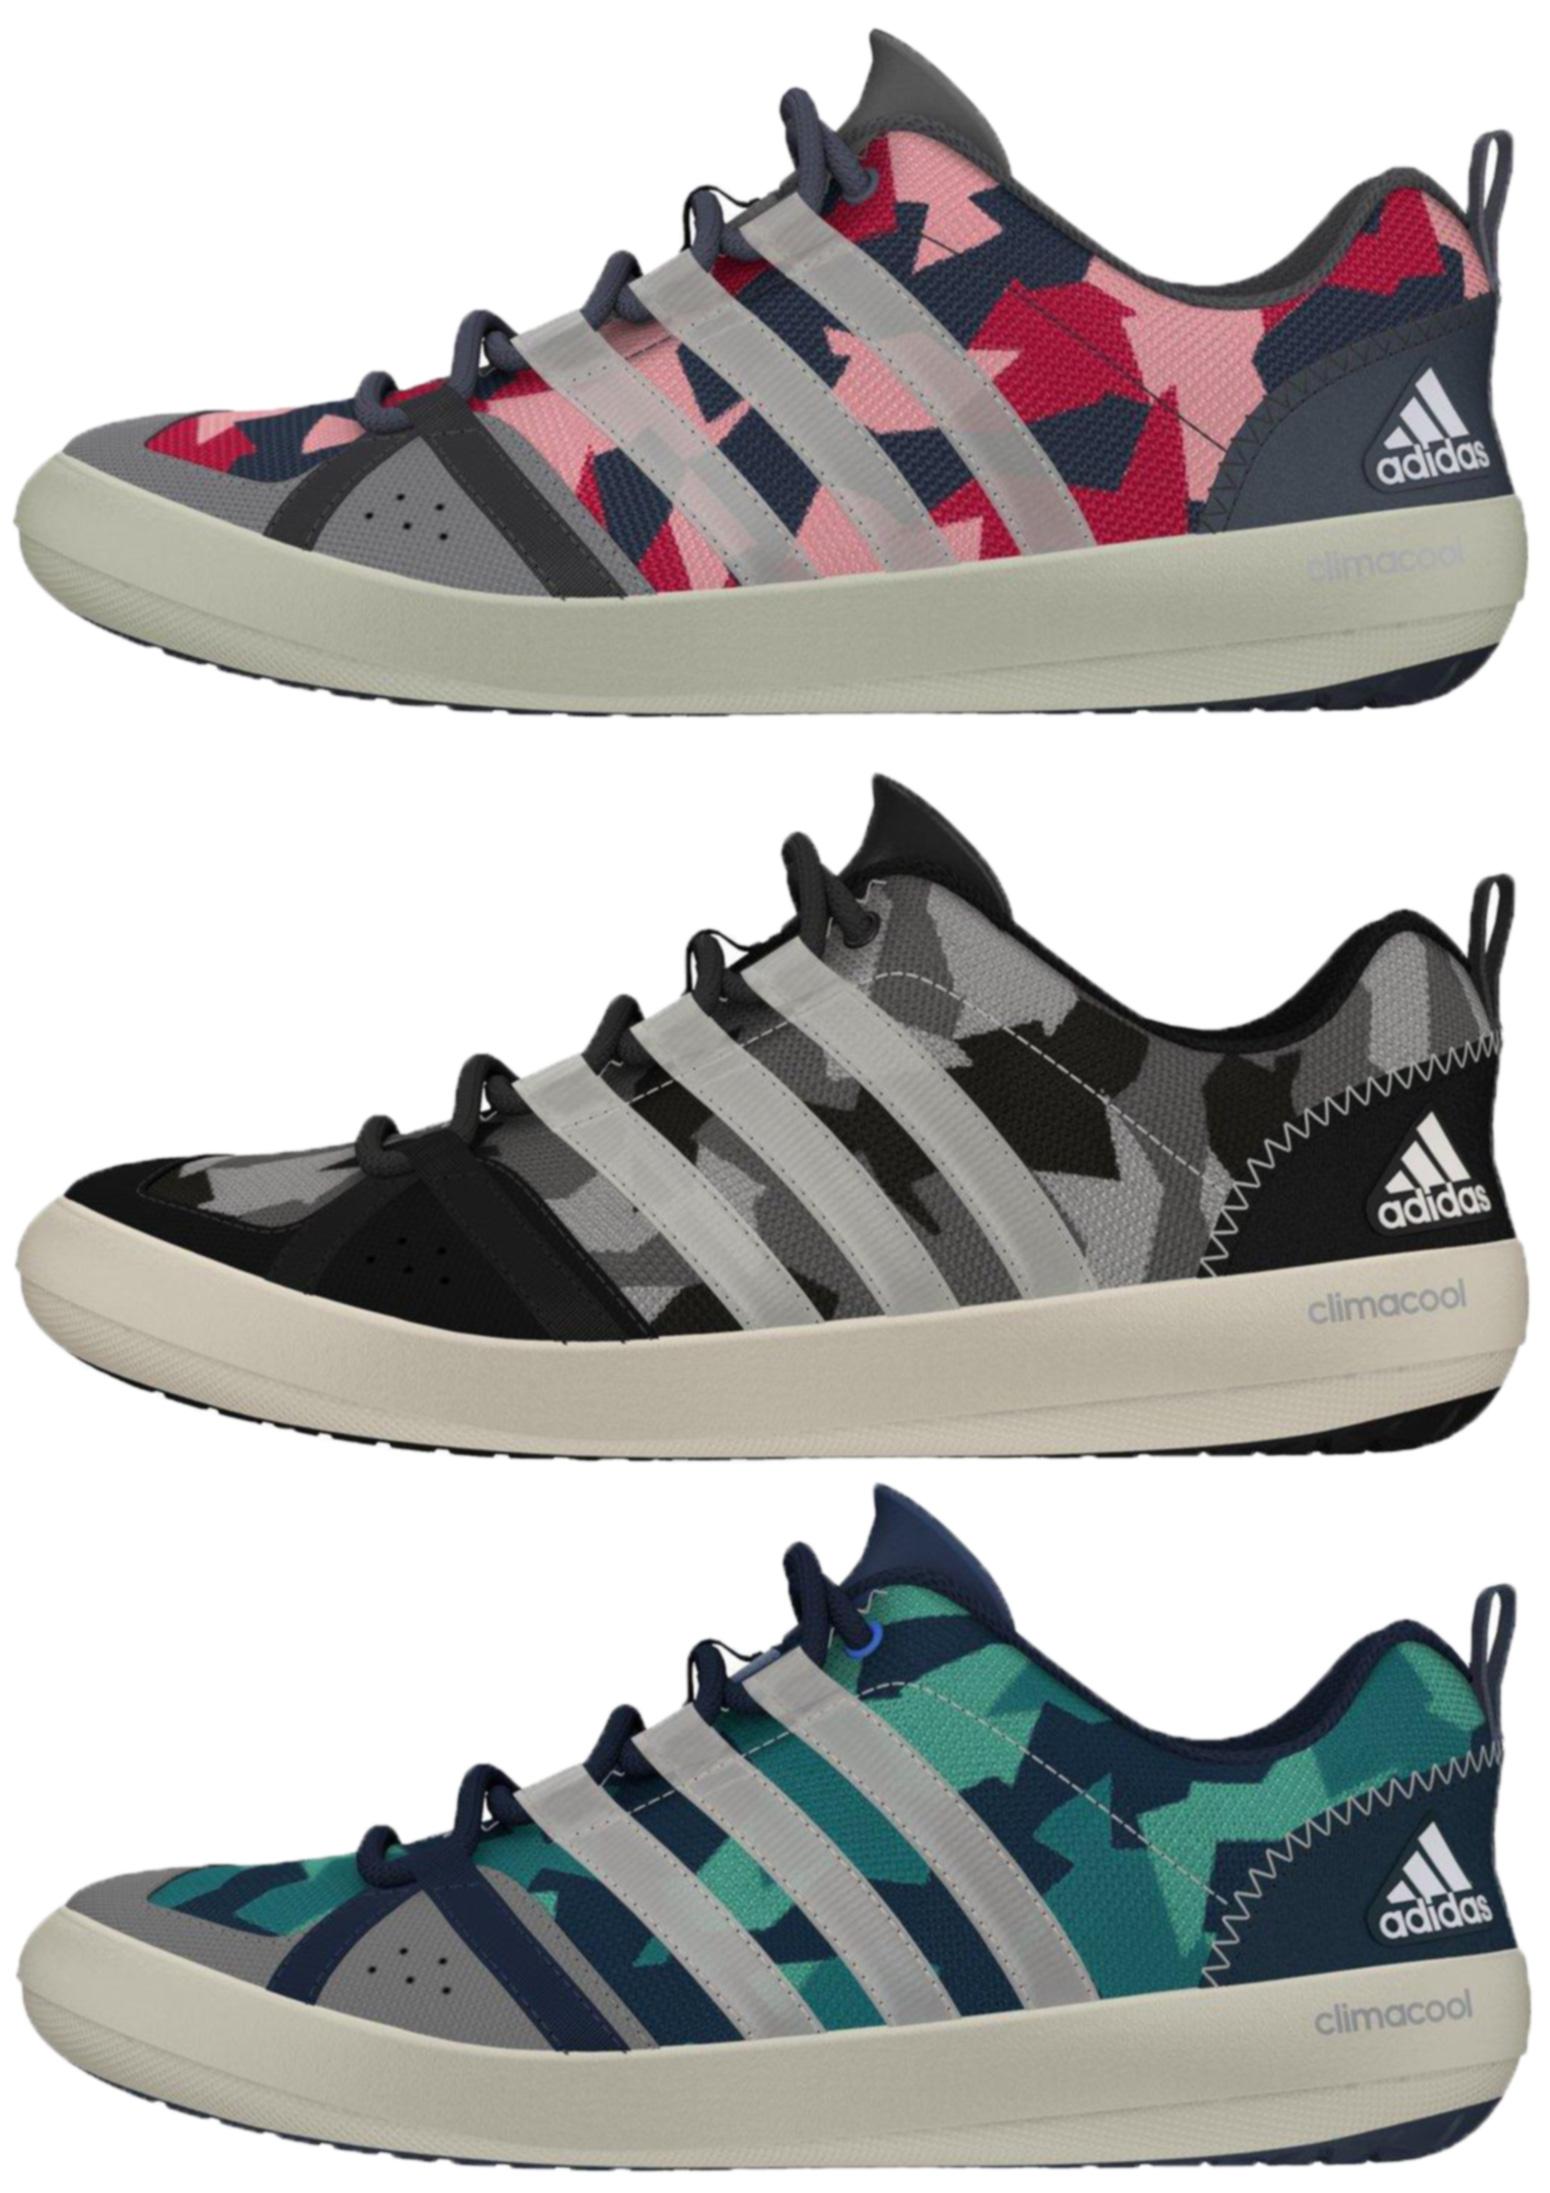 Adidas sailing Damen Herren Segelschuhe Camouflage Deckschuhe